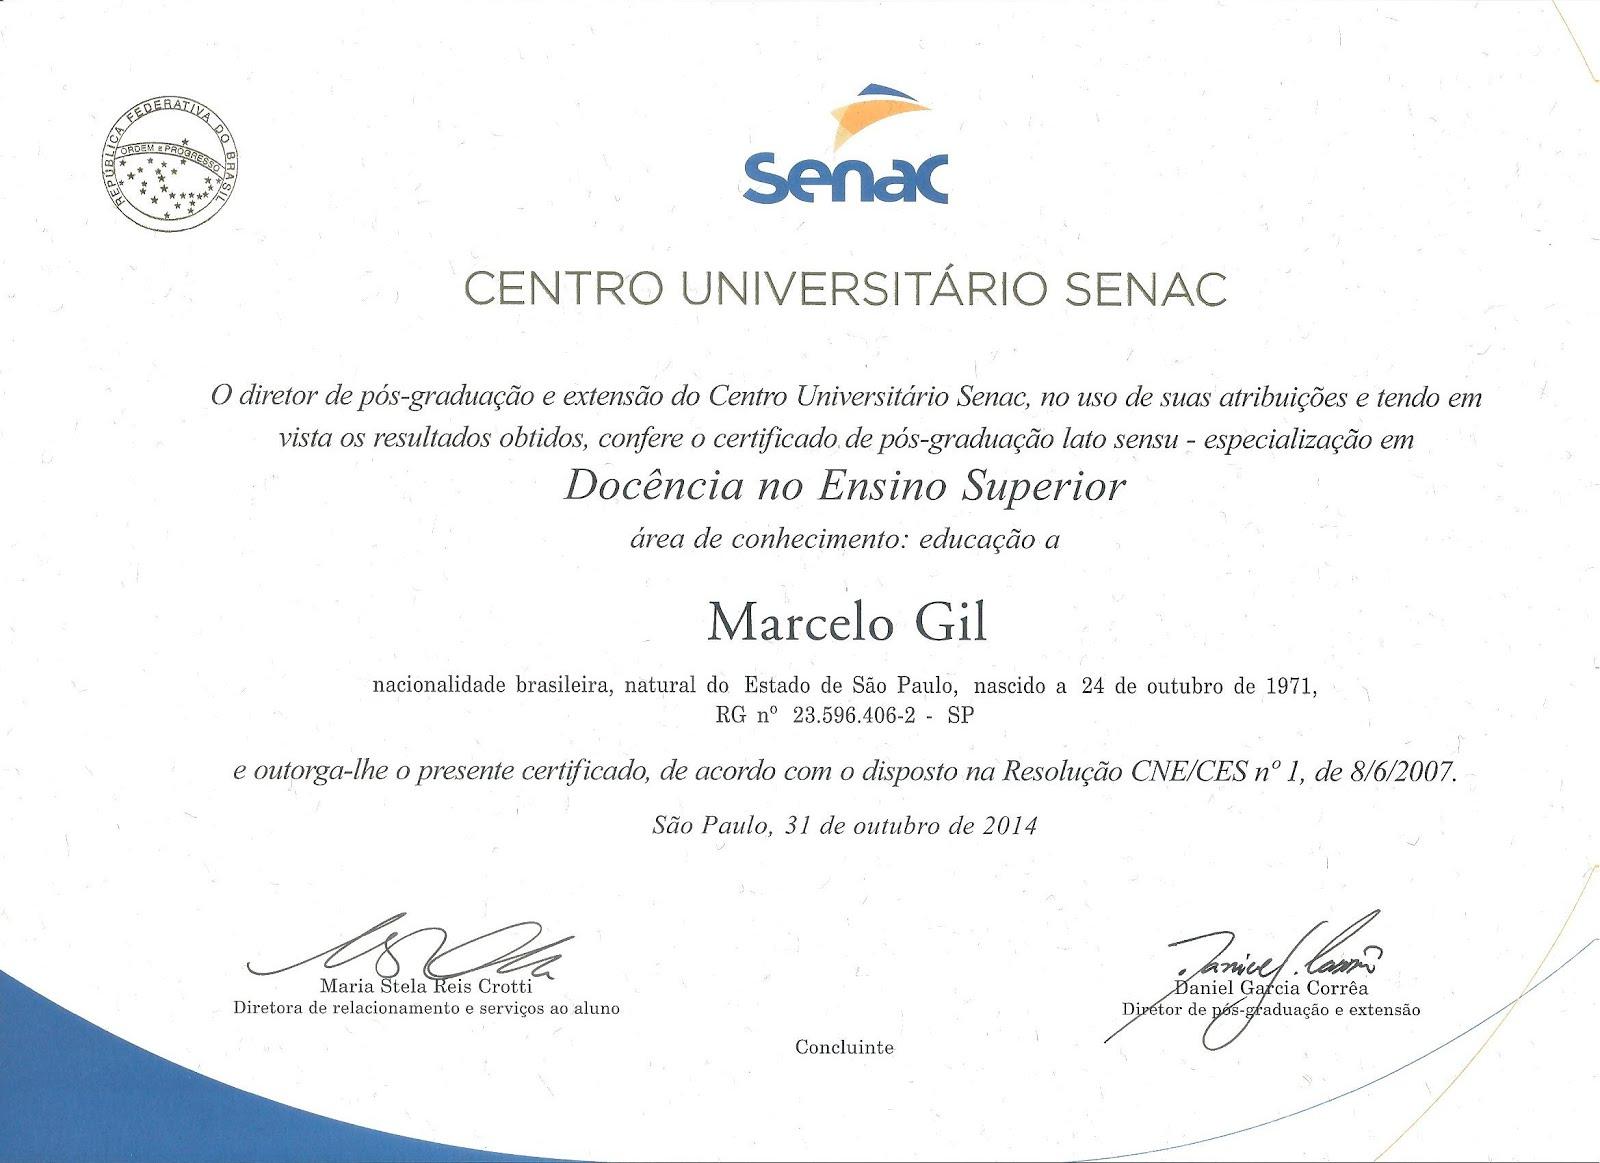 CERTIFICADO DO CENTRO UNIVERSITÁRIO SENAC CONCEDIDO À MARCELO GIL